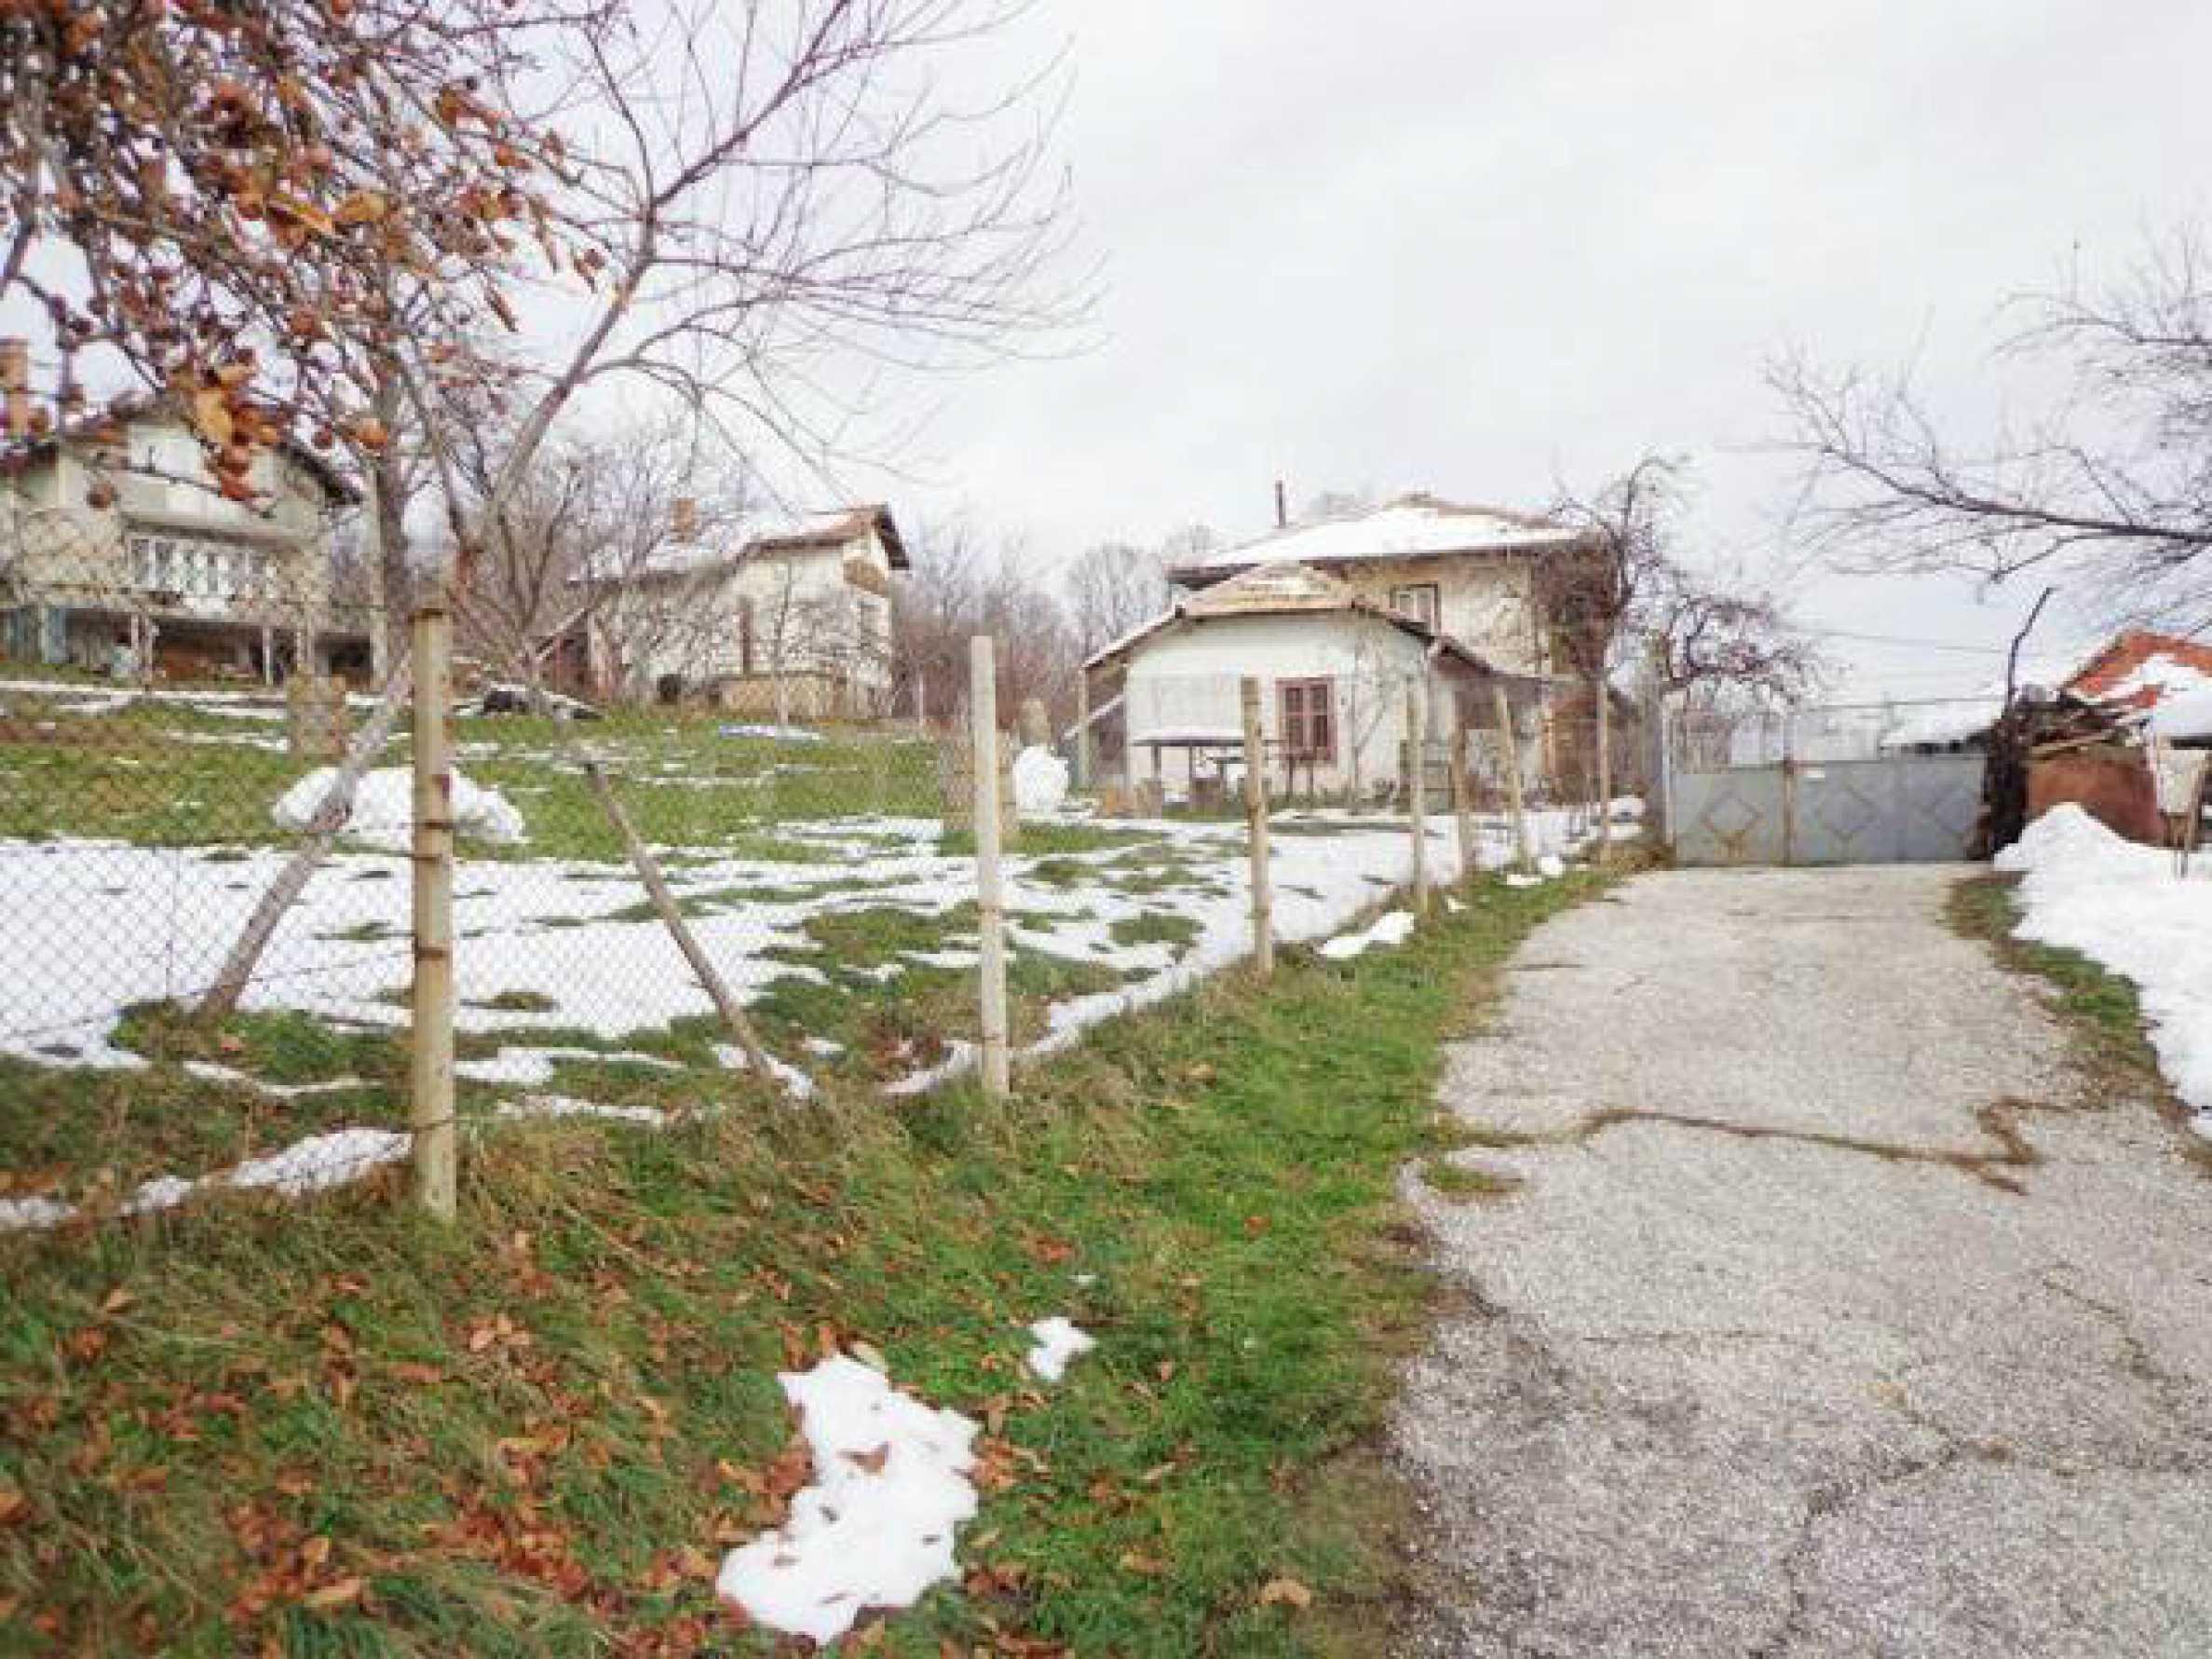 Grundstück zum Verkauf in einem Dorf 5 km von Tryavna entfernt 1